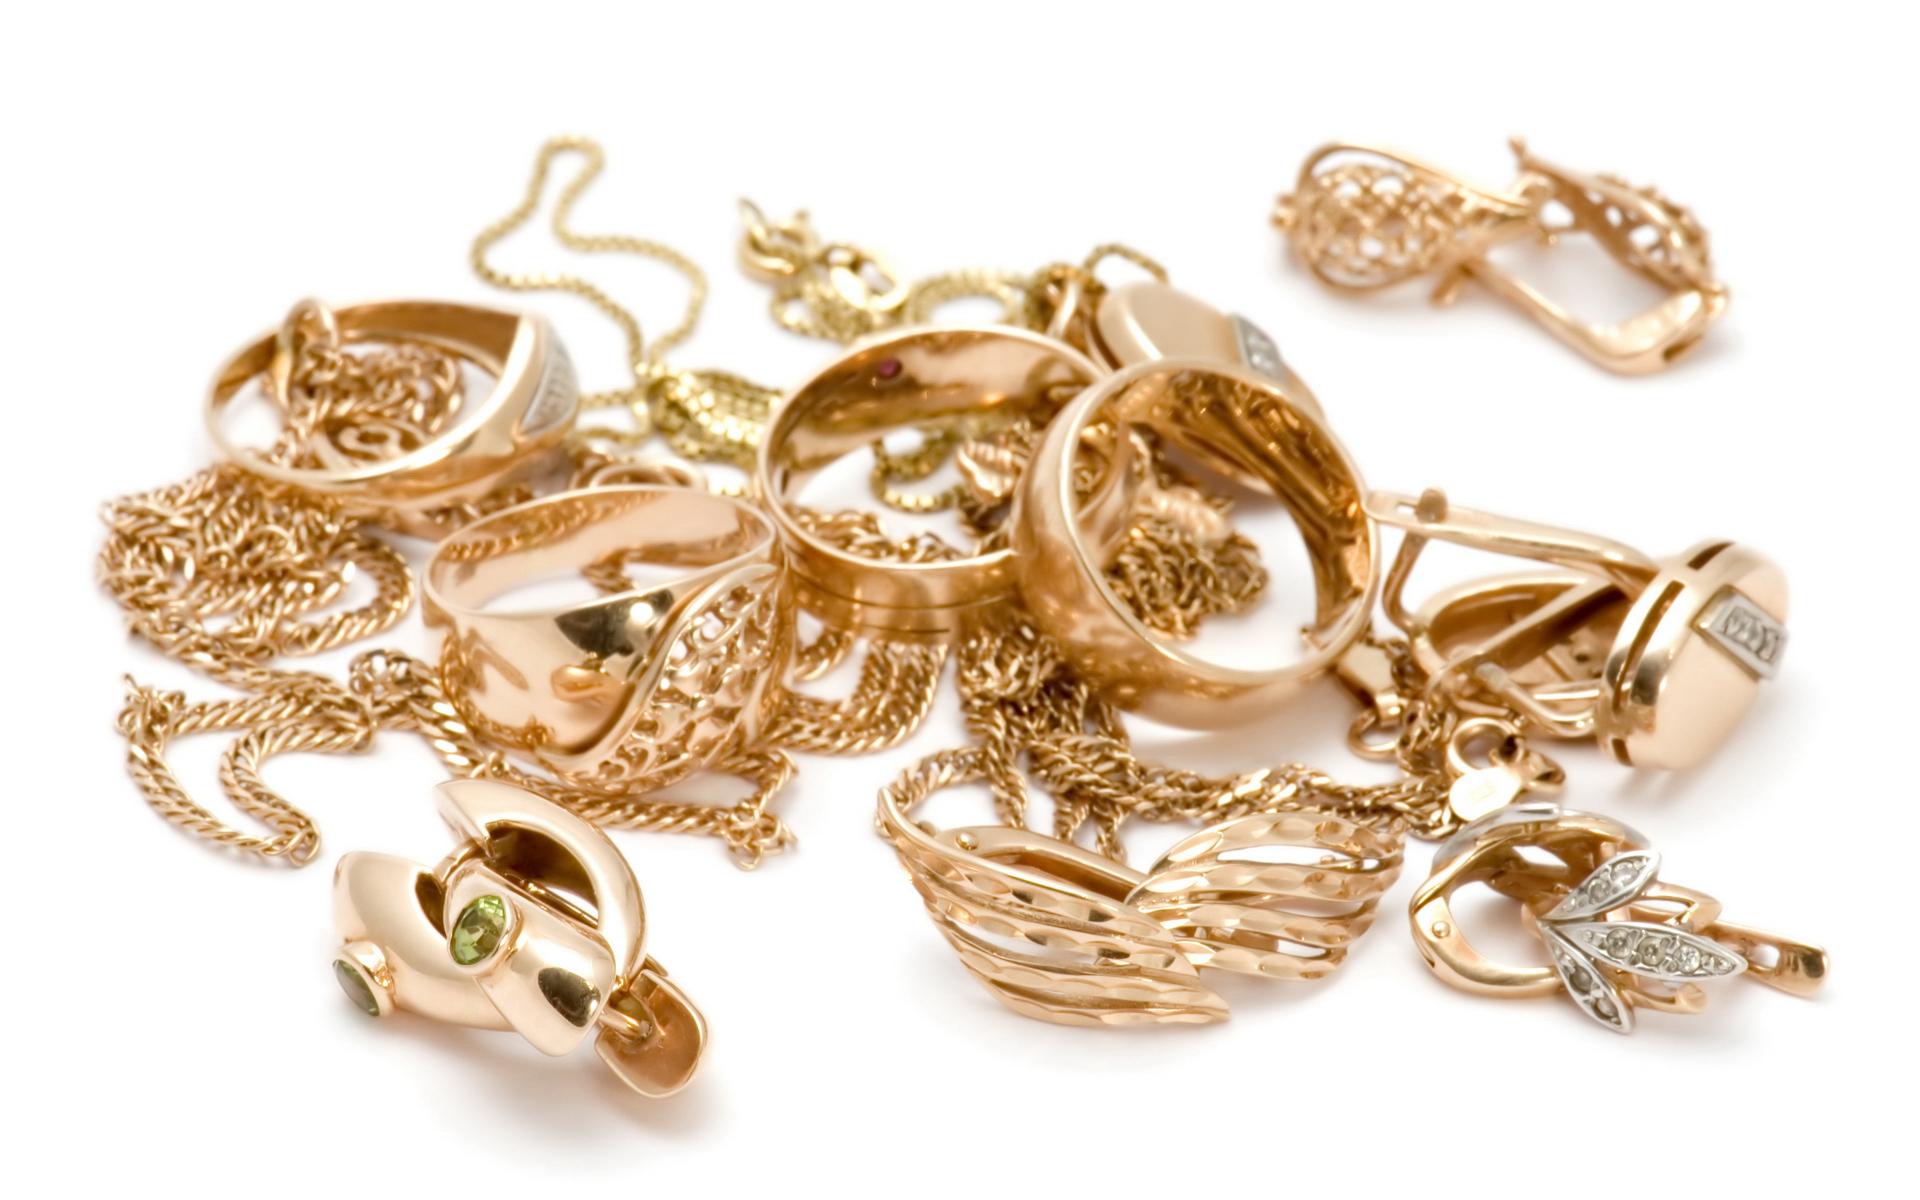 Мечта иметь шикарные золотые украшения стала еще ближе